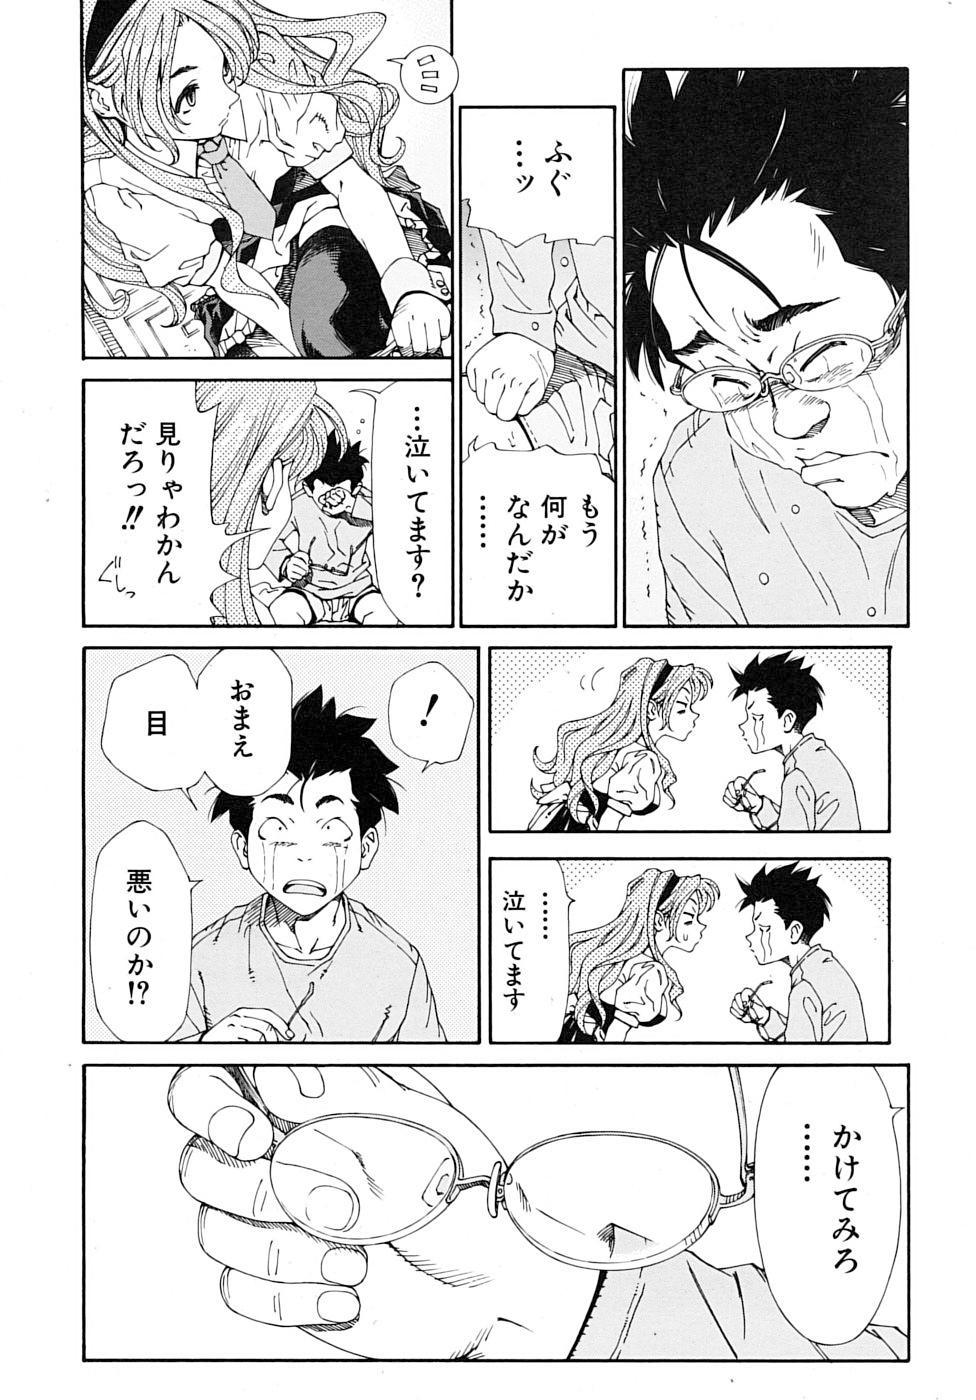 Amamori no Yari 23